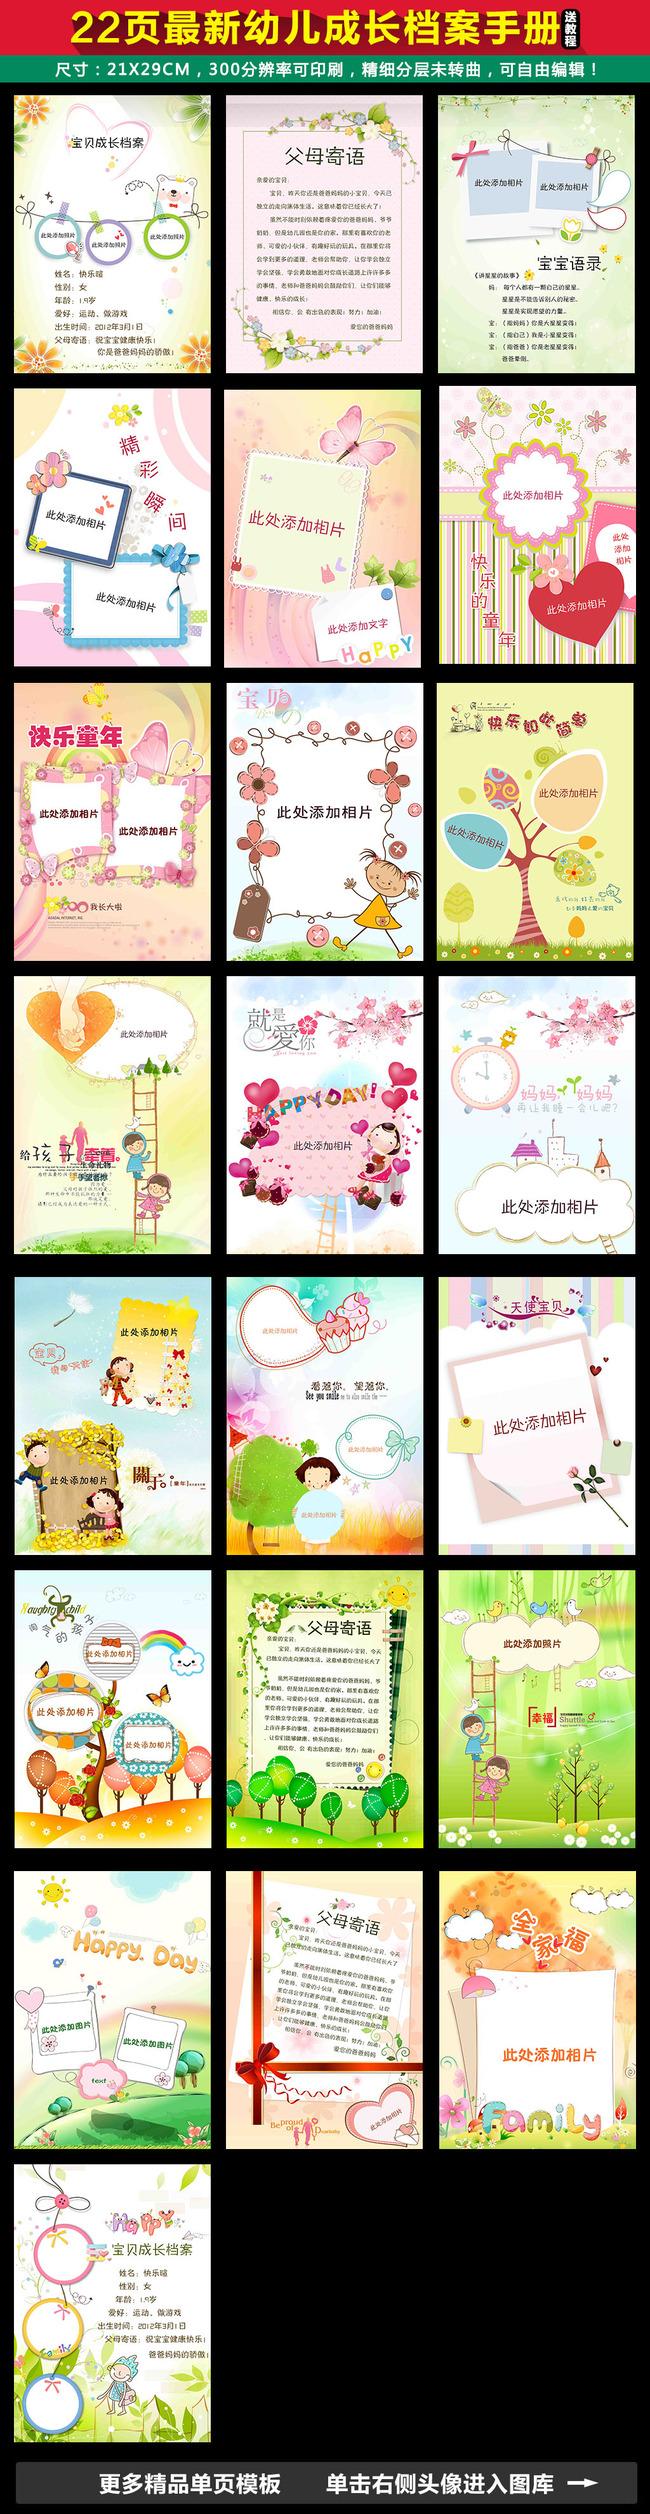 宝宝成长手册 幼儿成长档案 幼儿成长手册 成长相册 幼儿手册 成长图片